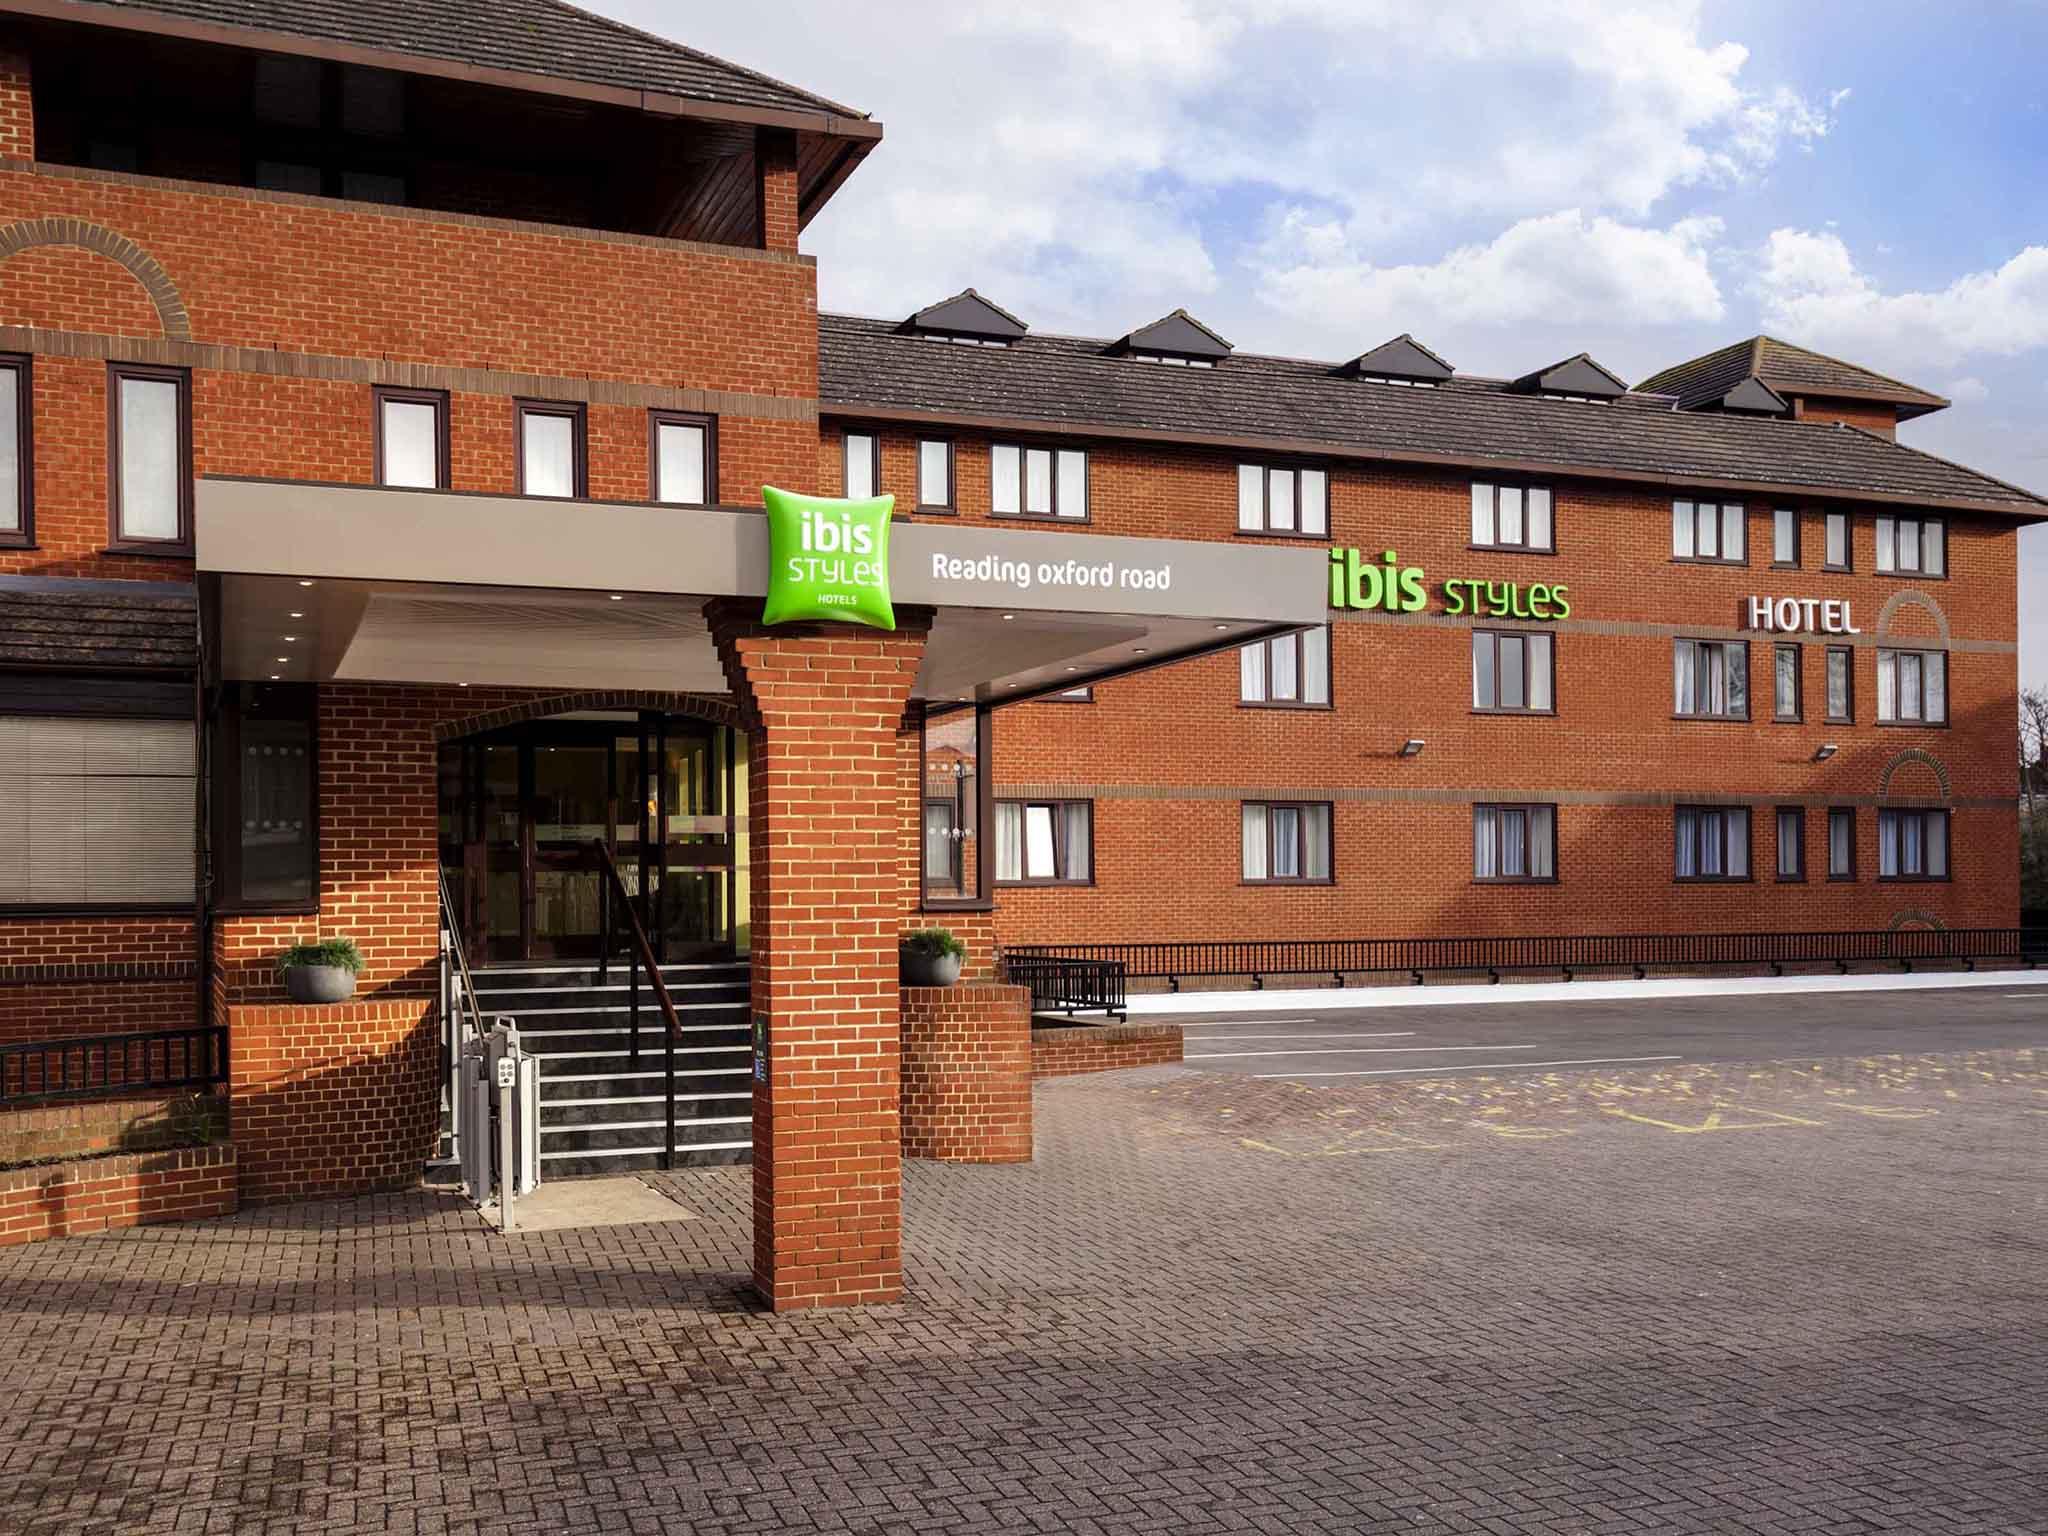 ホテル – イビス スタイルズ レディング オックスフォード ロード(2015年12月オープン)